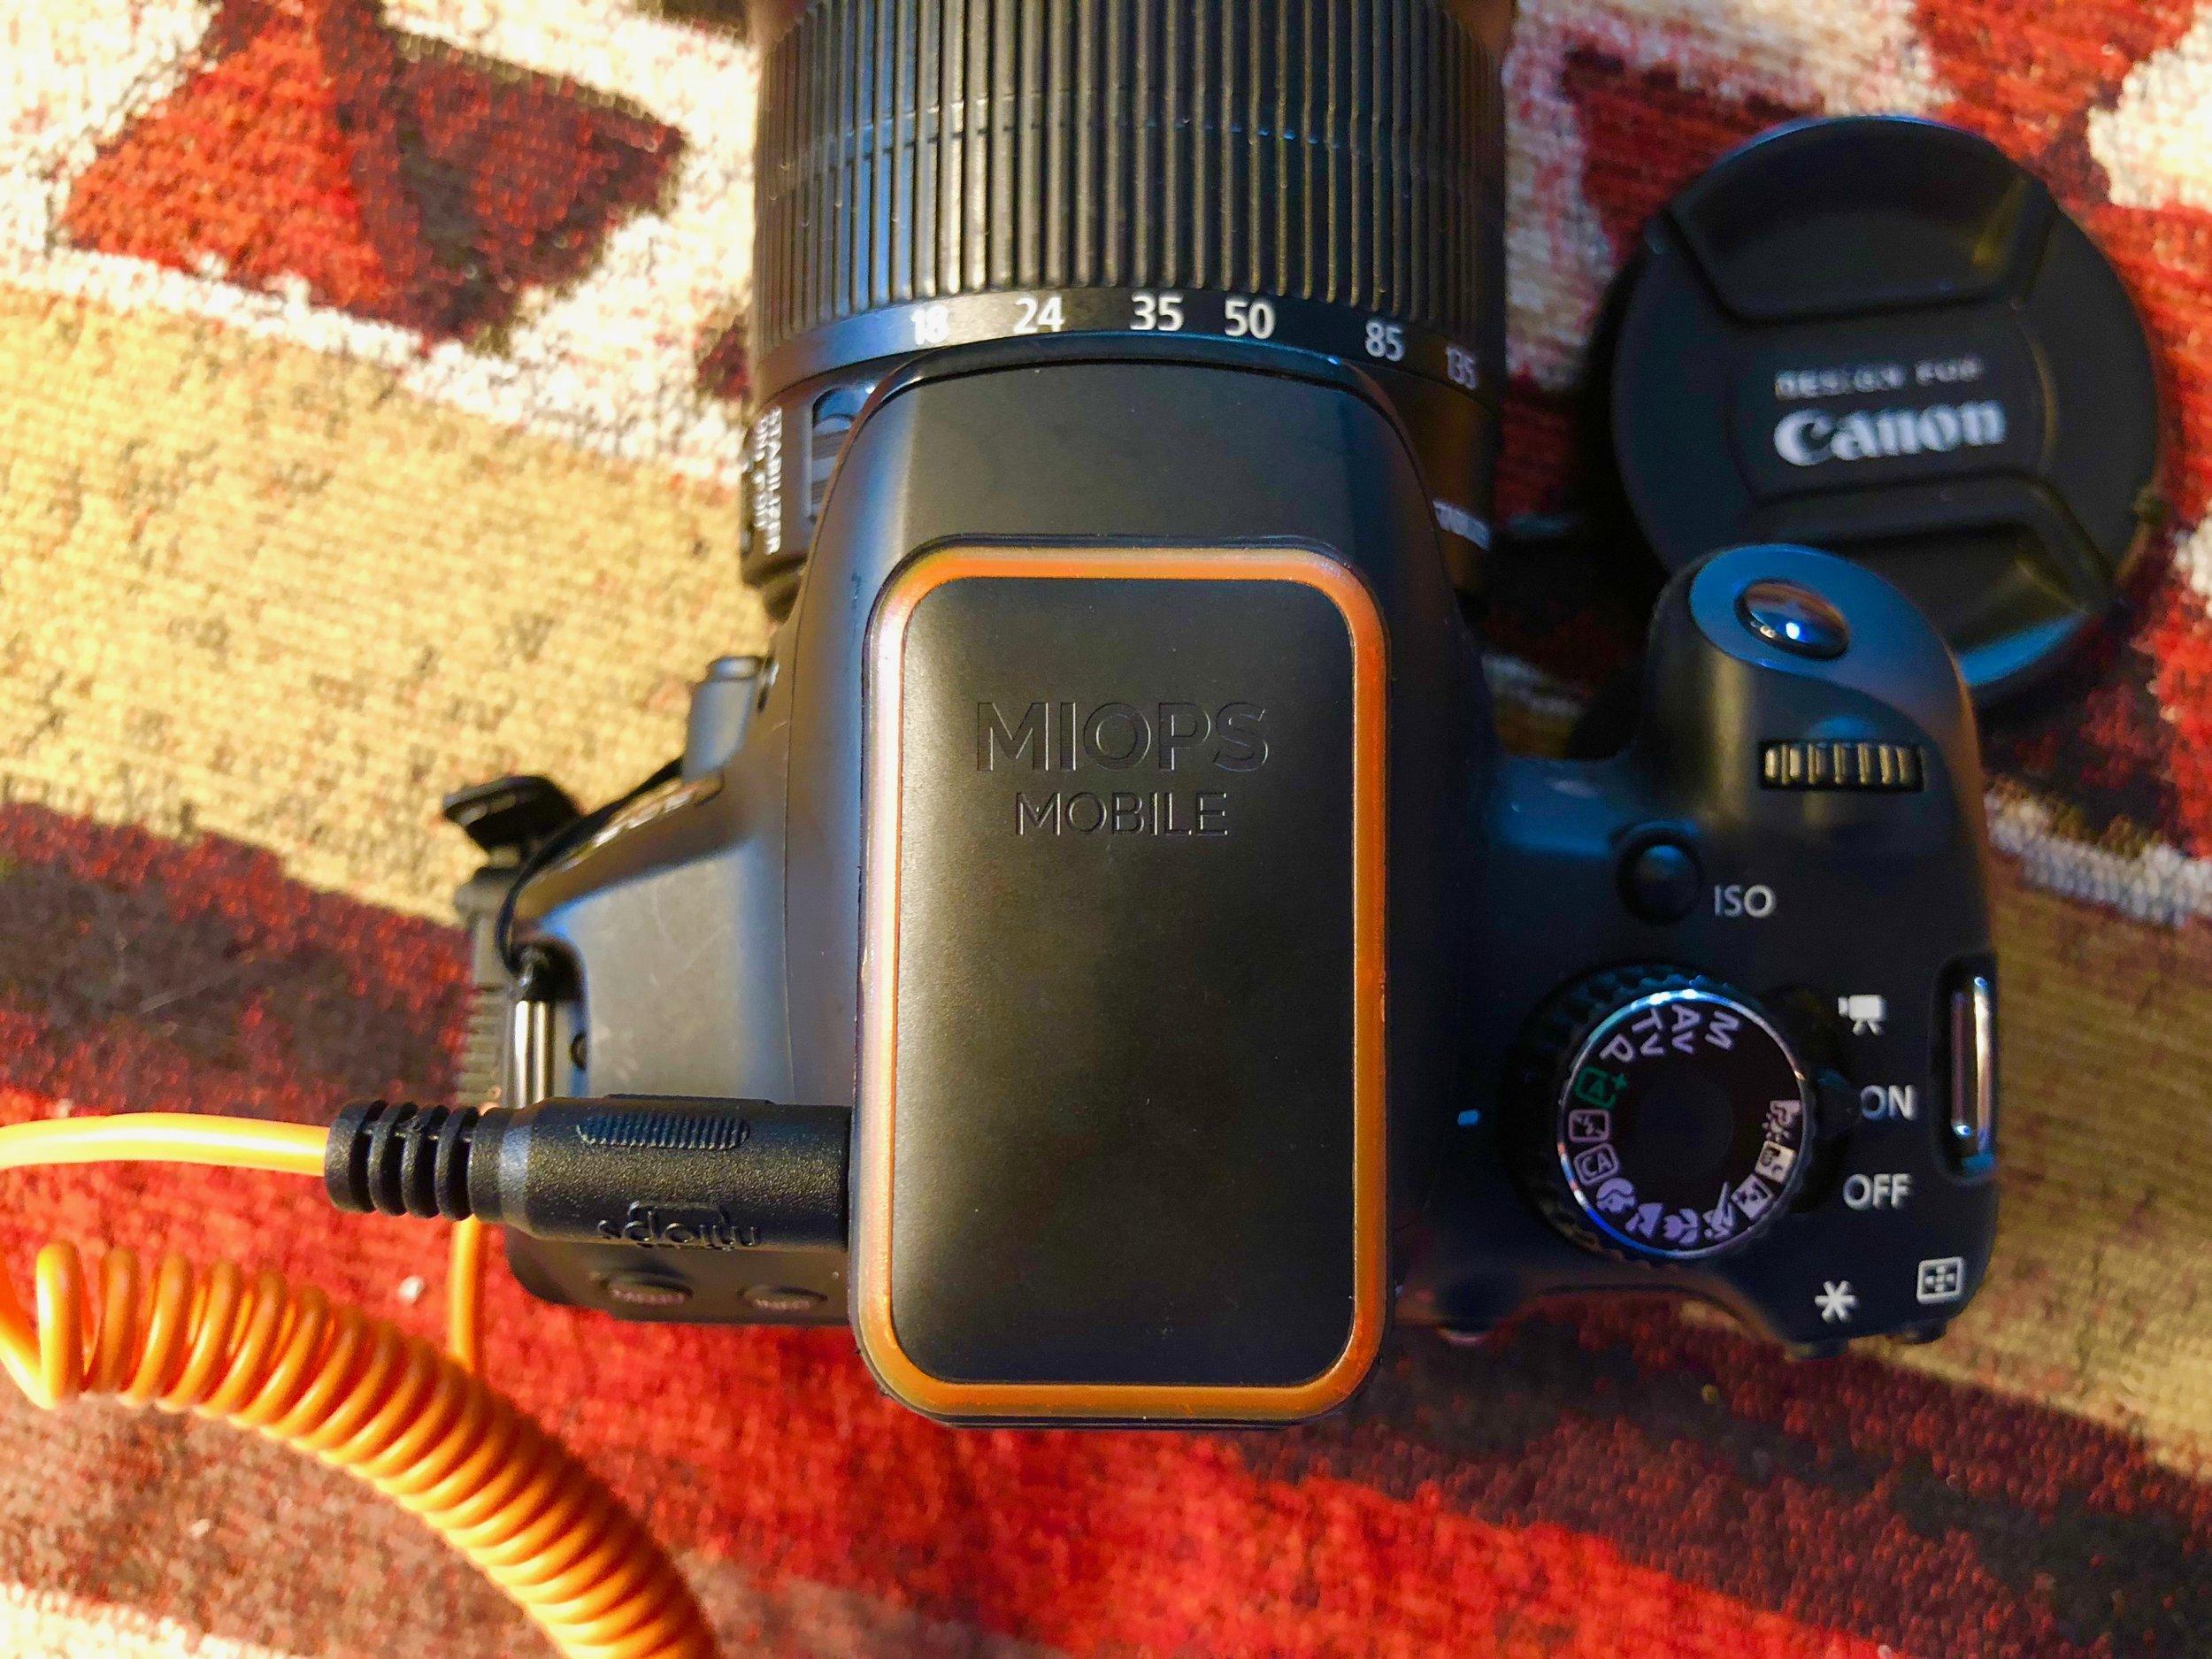 MIOPS Mobile Remote. Photo © 2018, Steven Sande